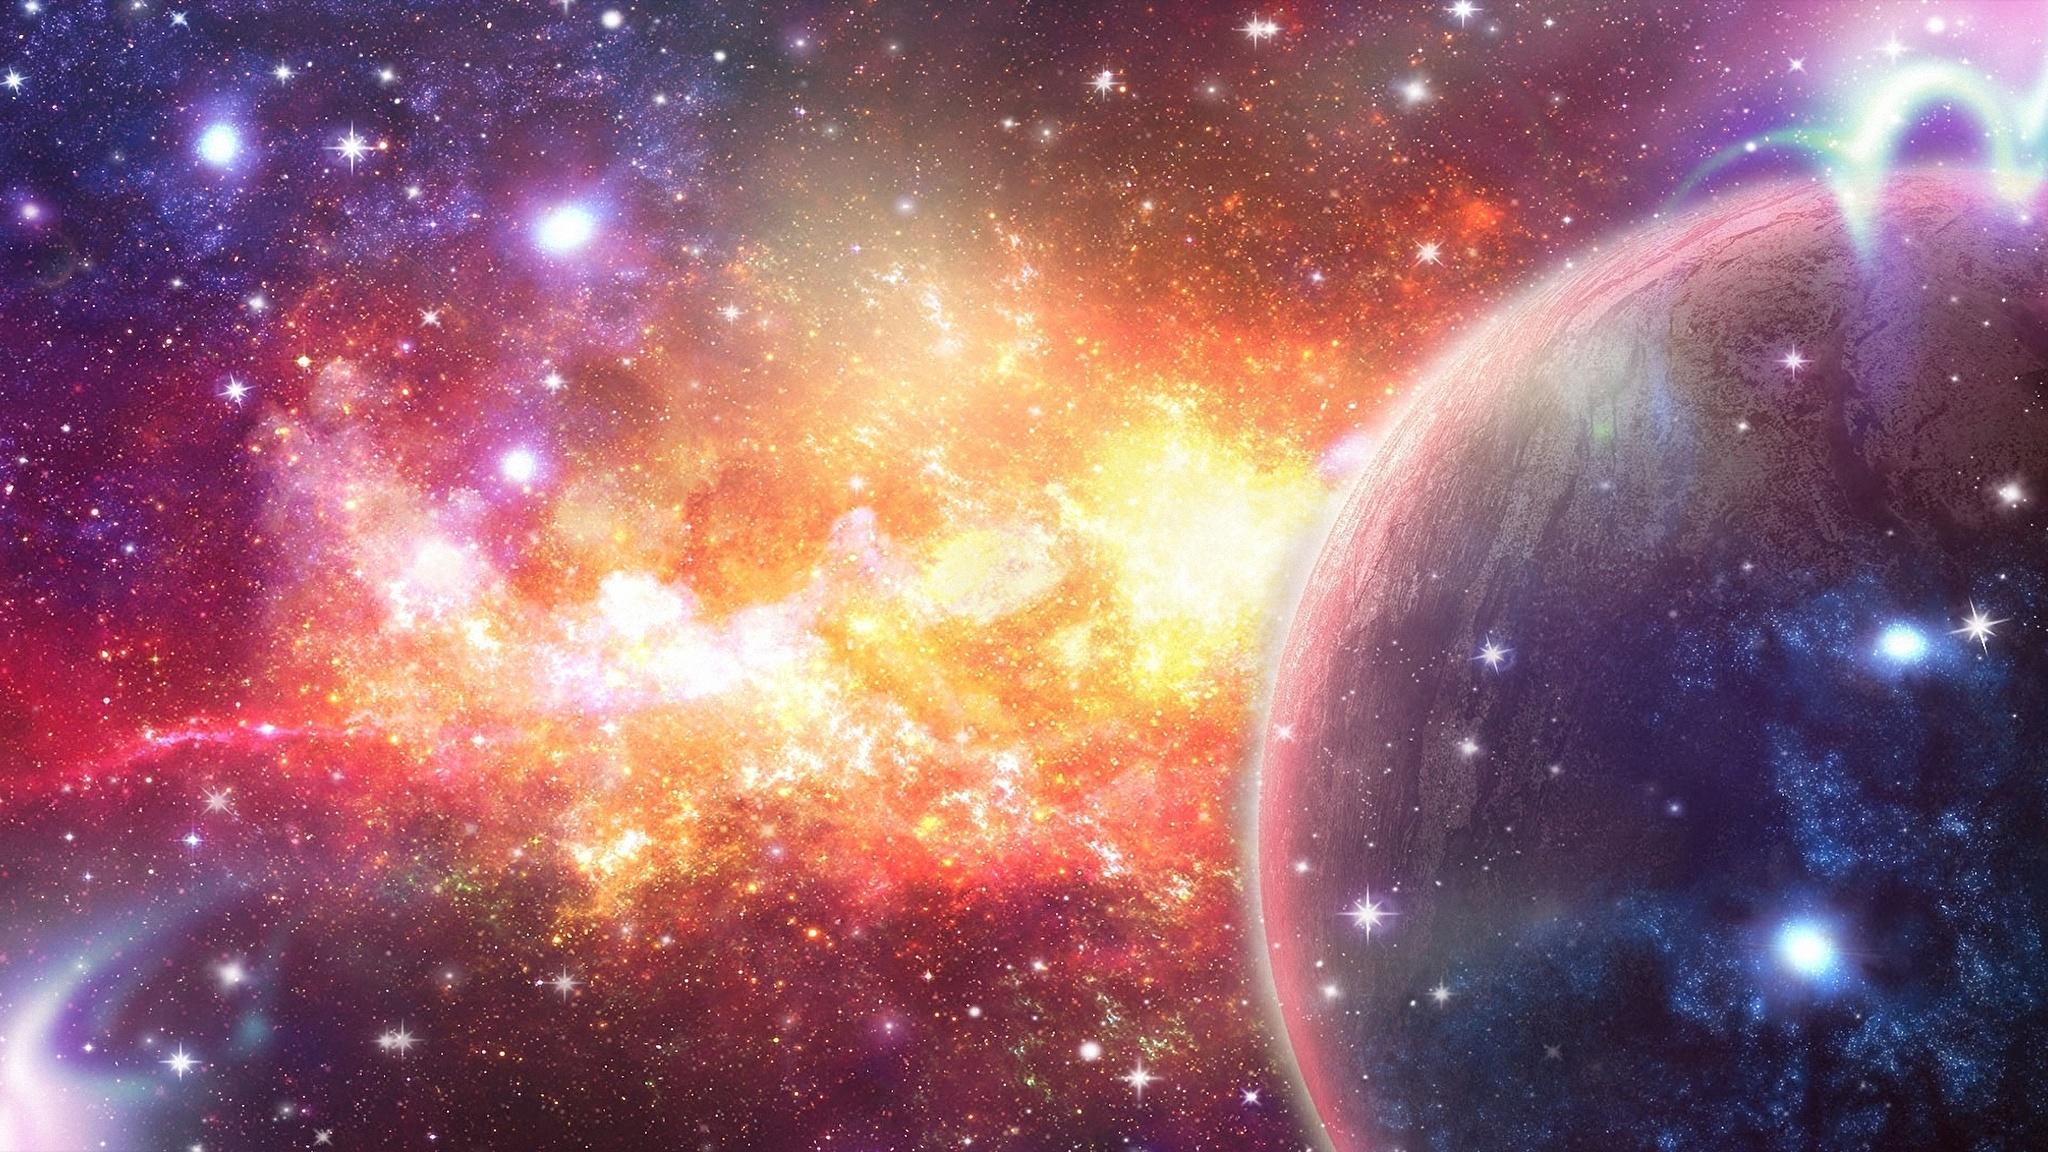 Обои планета космос звезды картинки на рабочий стол на тему Космос — скачать в хорошем качестве